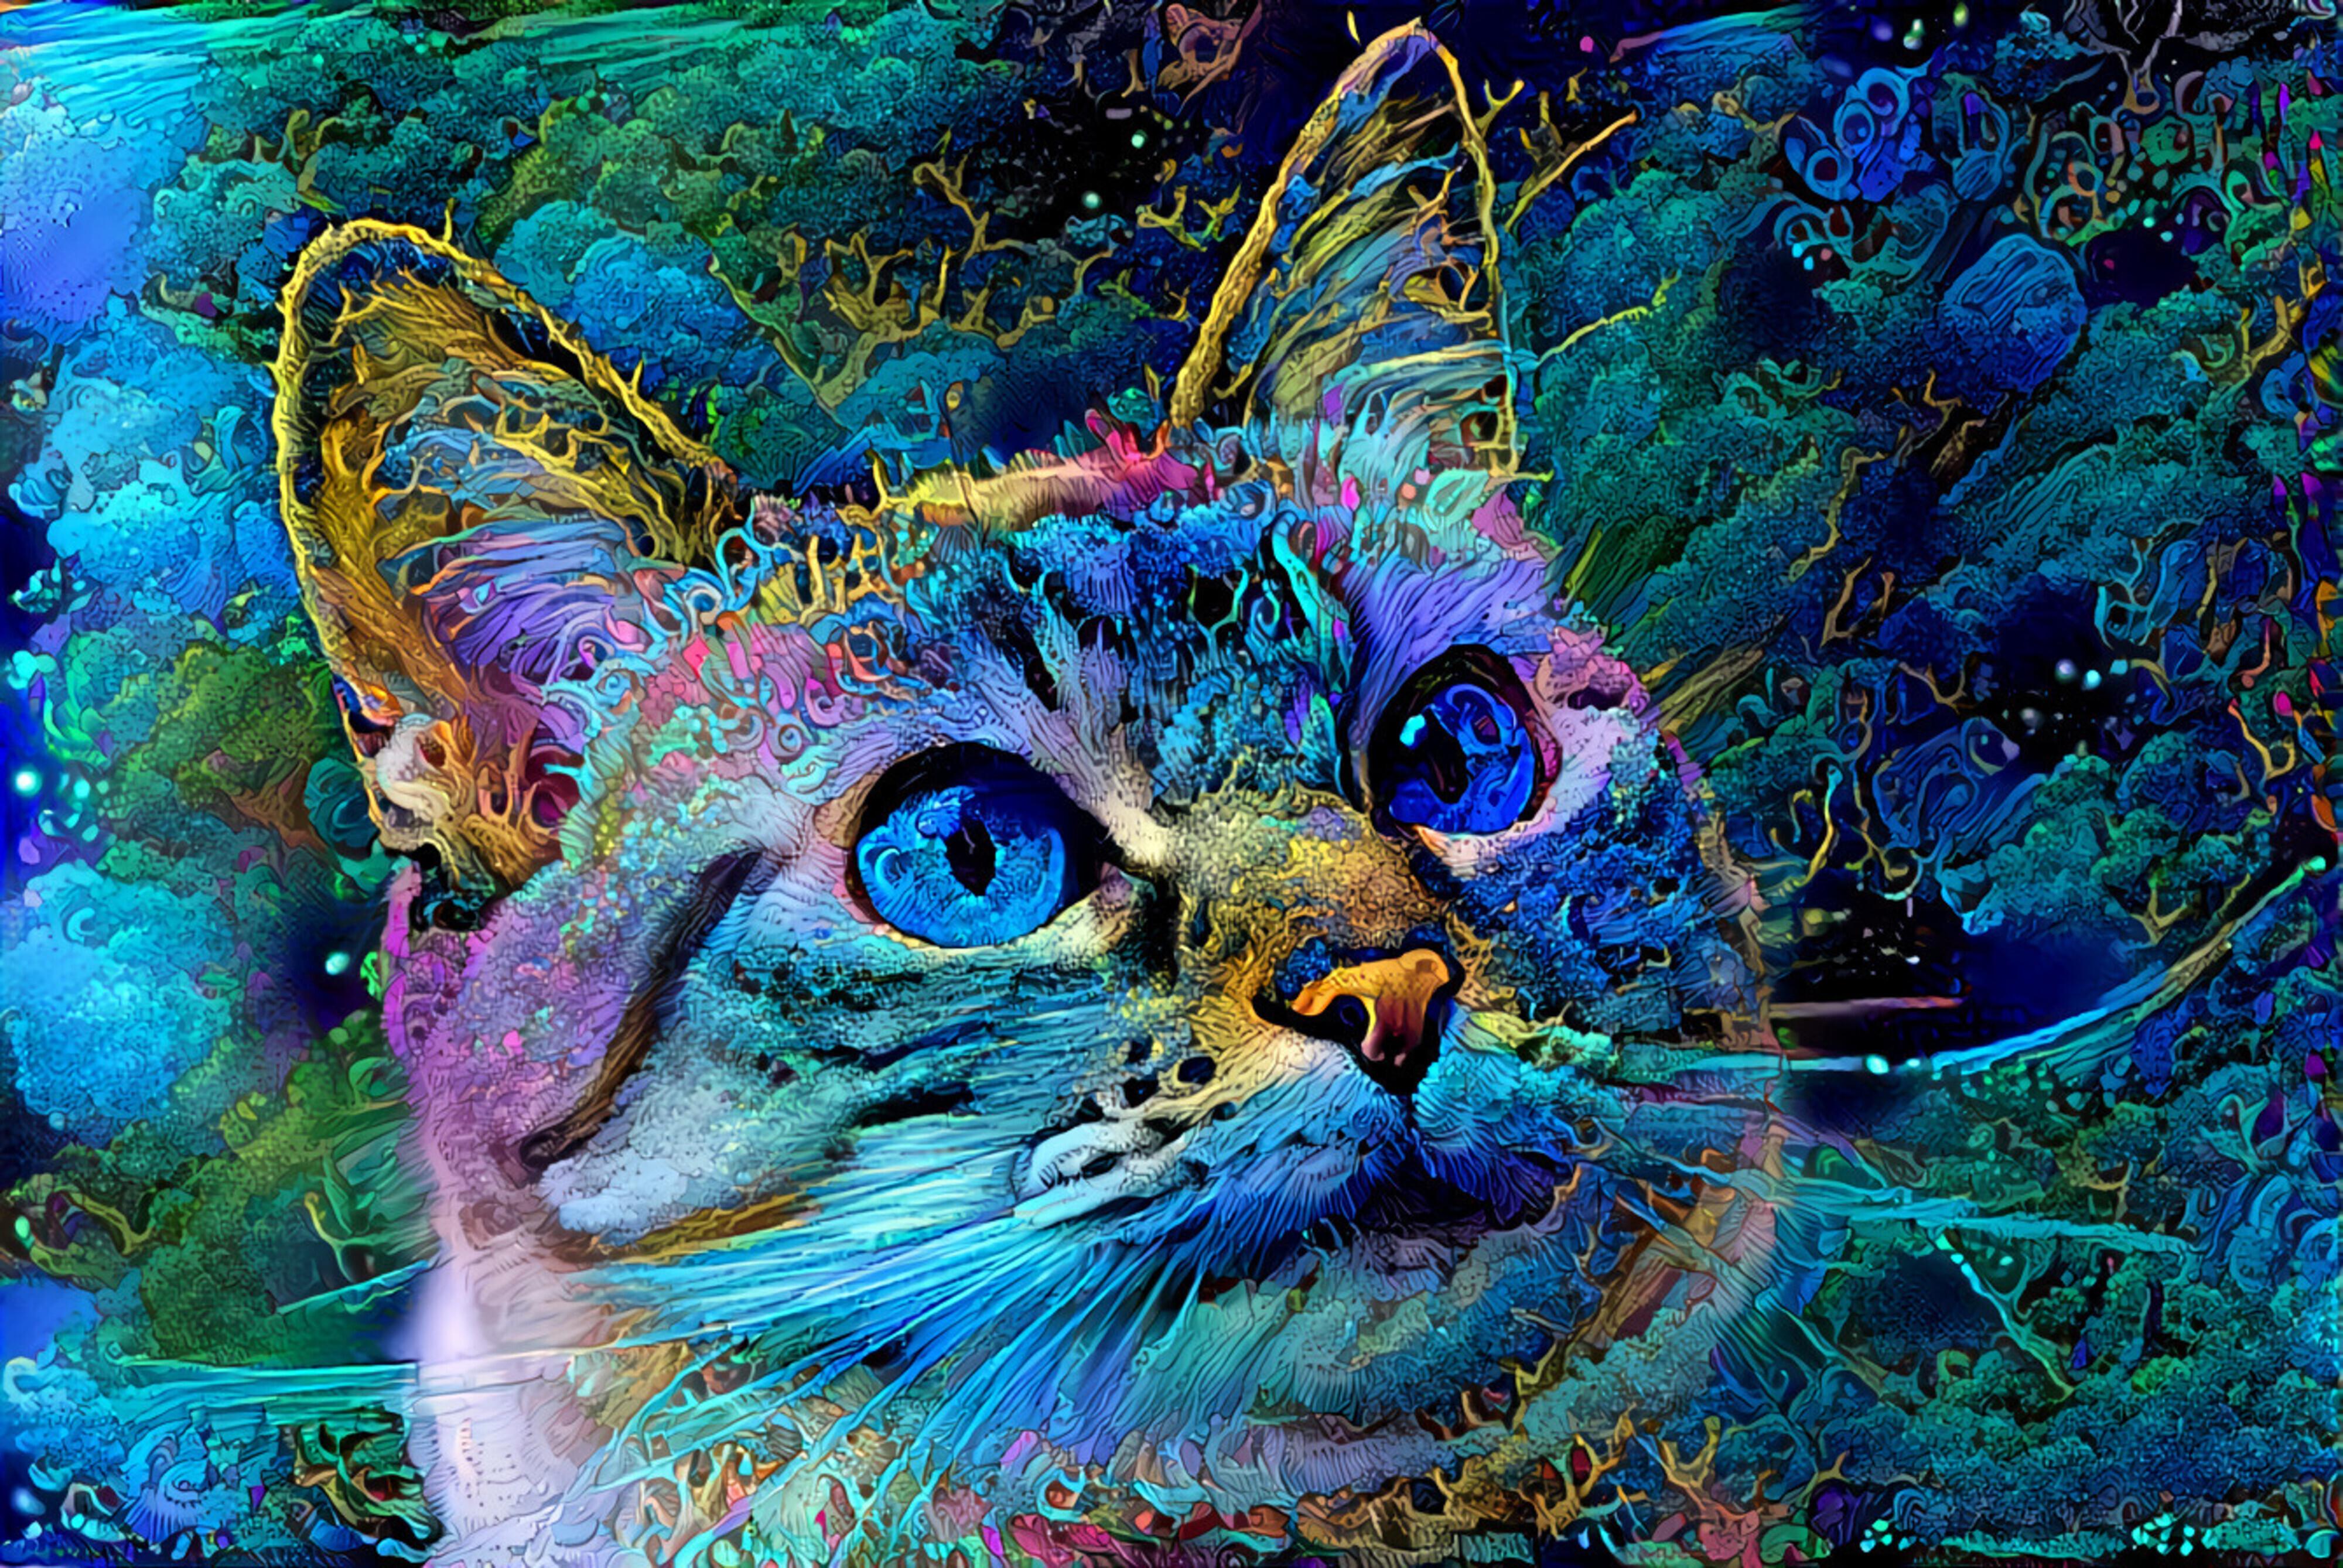 I will turn your photo into unique digital portrait